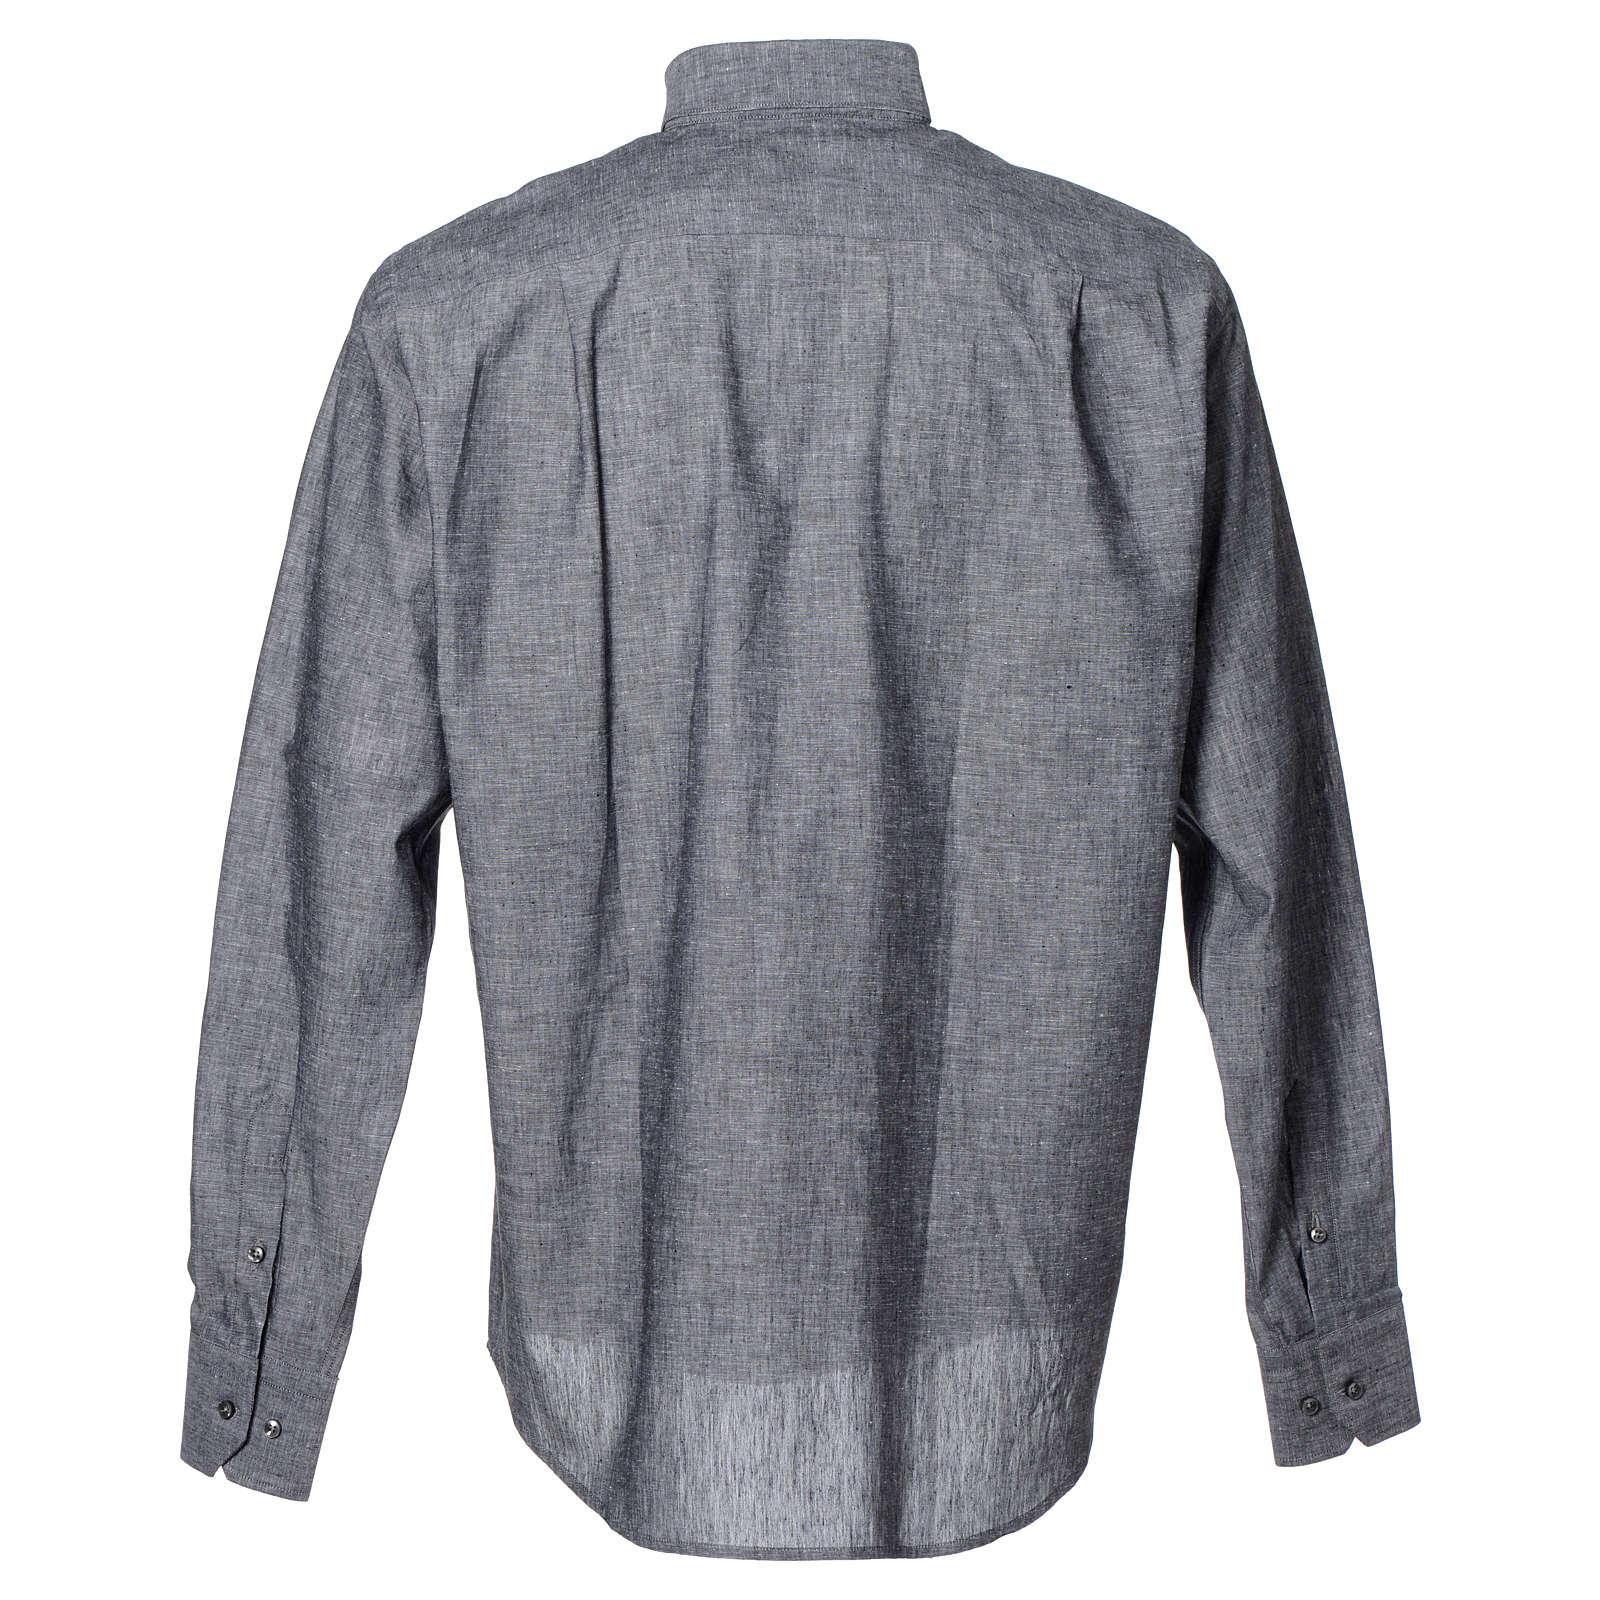 Koszula kapłańska len bawełna szara długi rękaw 4